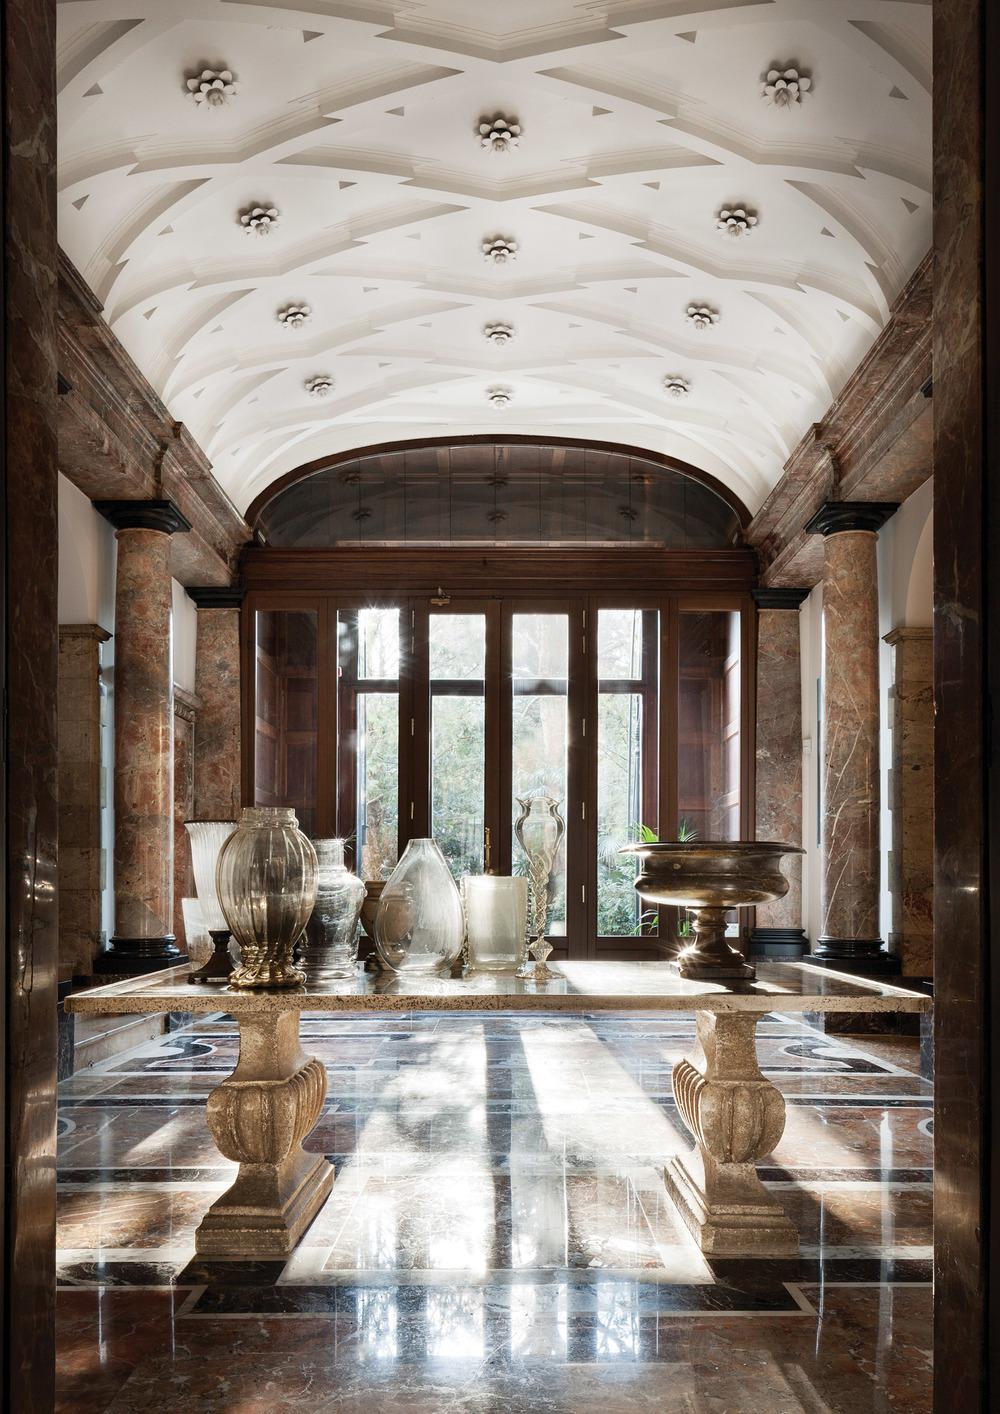 莫扎特別墅由Giampiero Bodino親自操刀改建設計,融合了古典與現代的多種元素,優雅華美。Photo by Santi Caleca